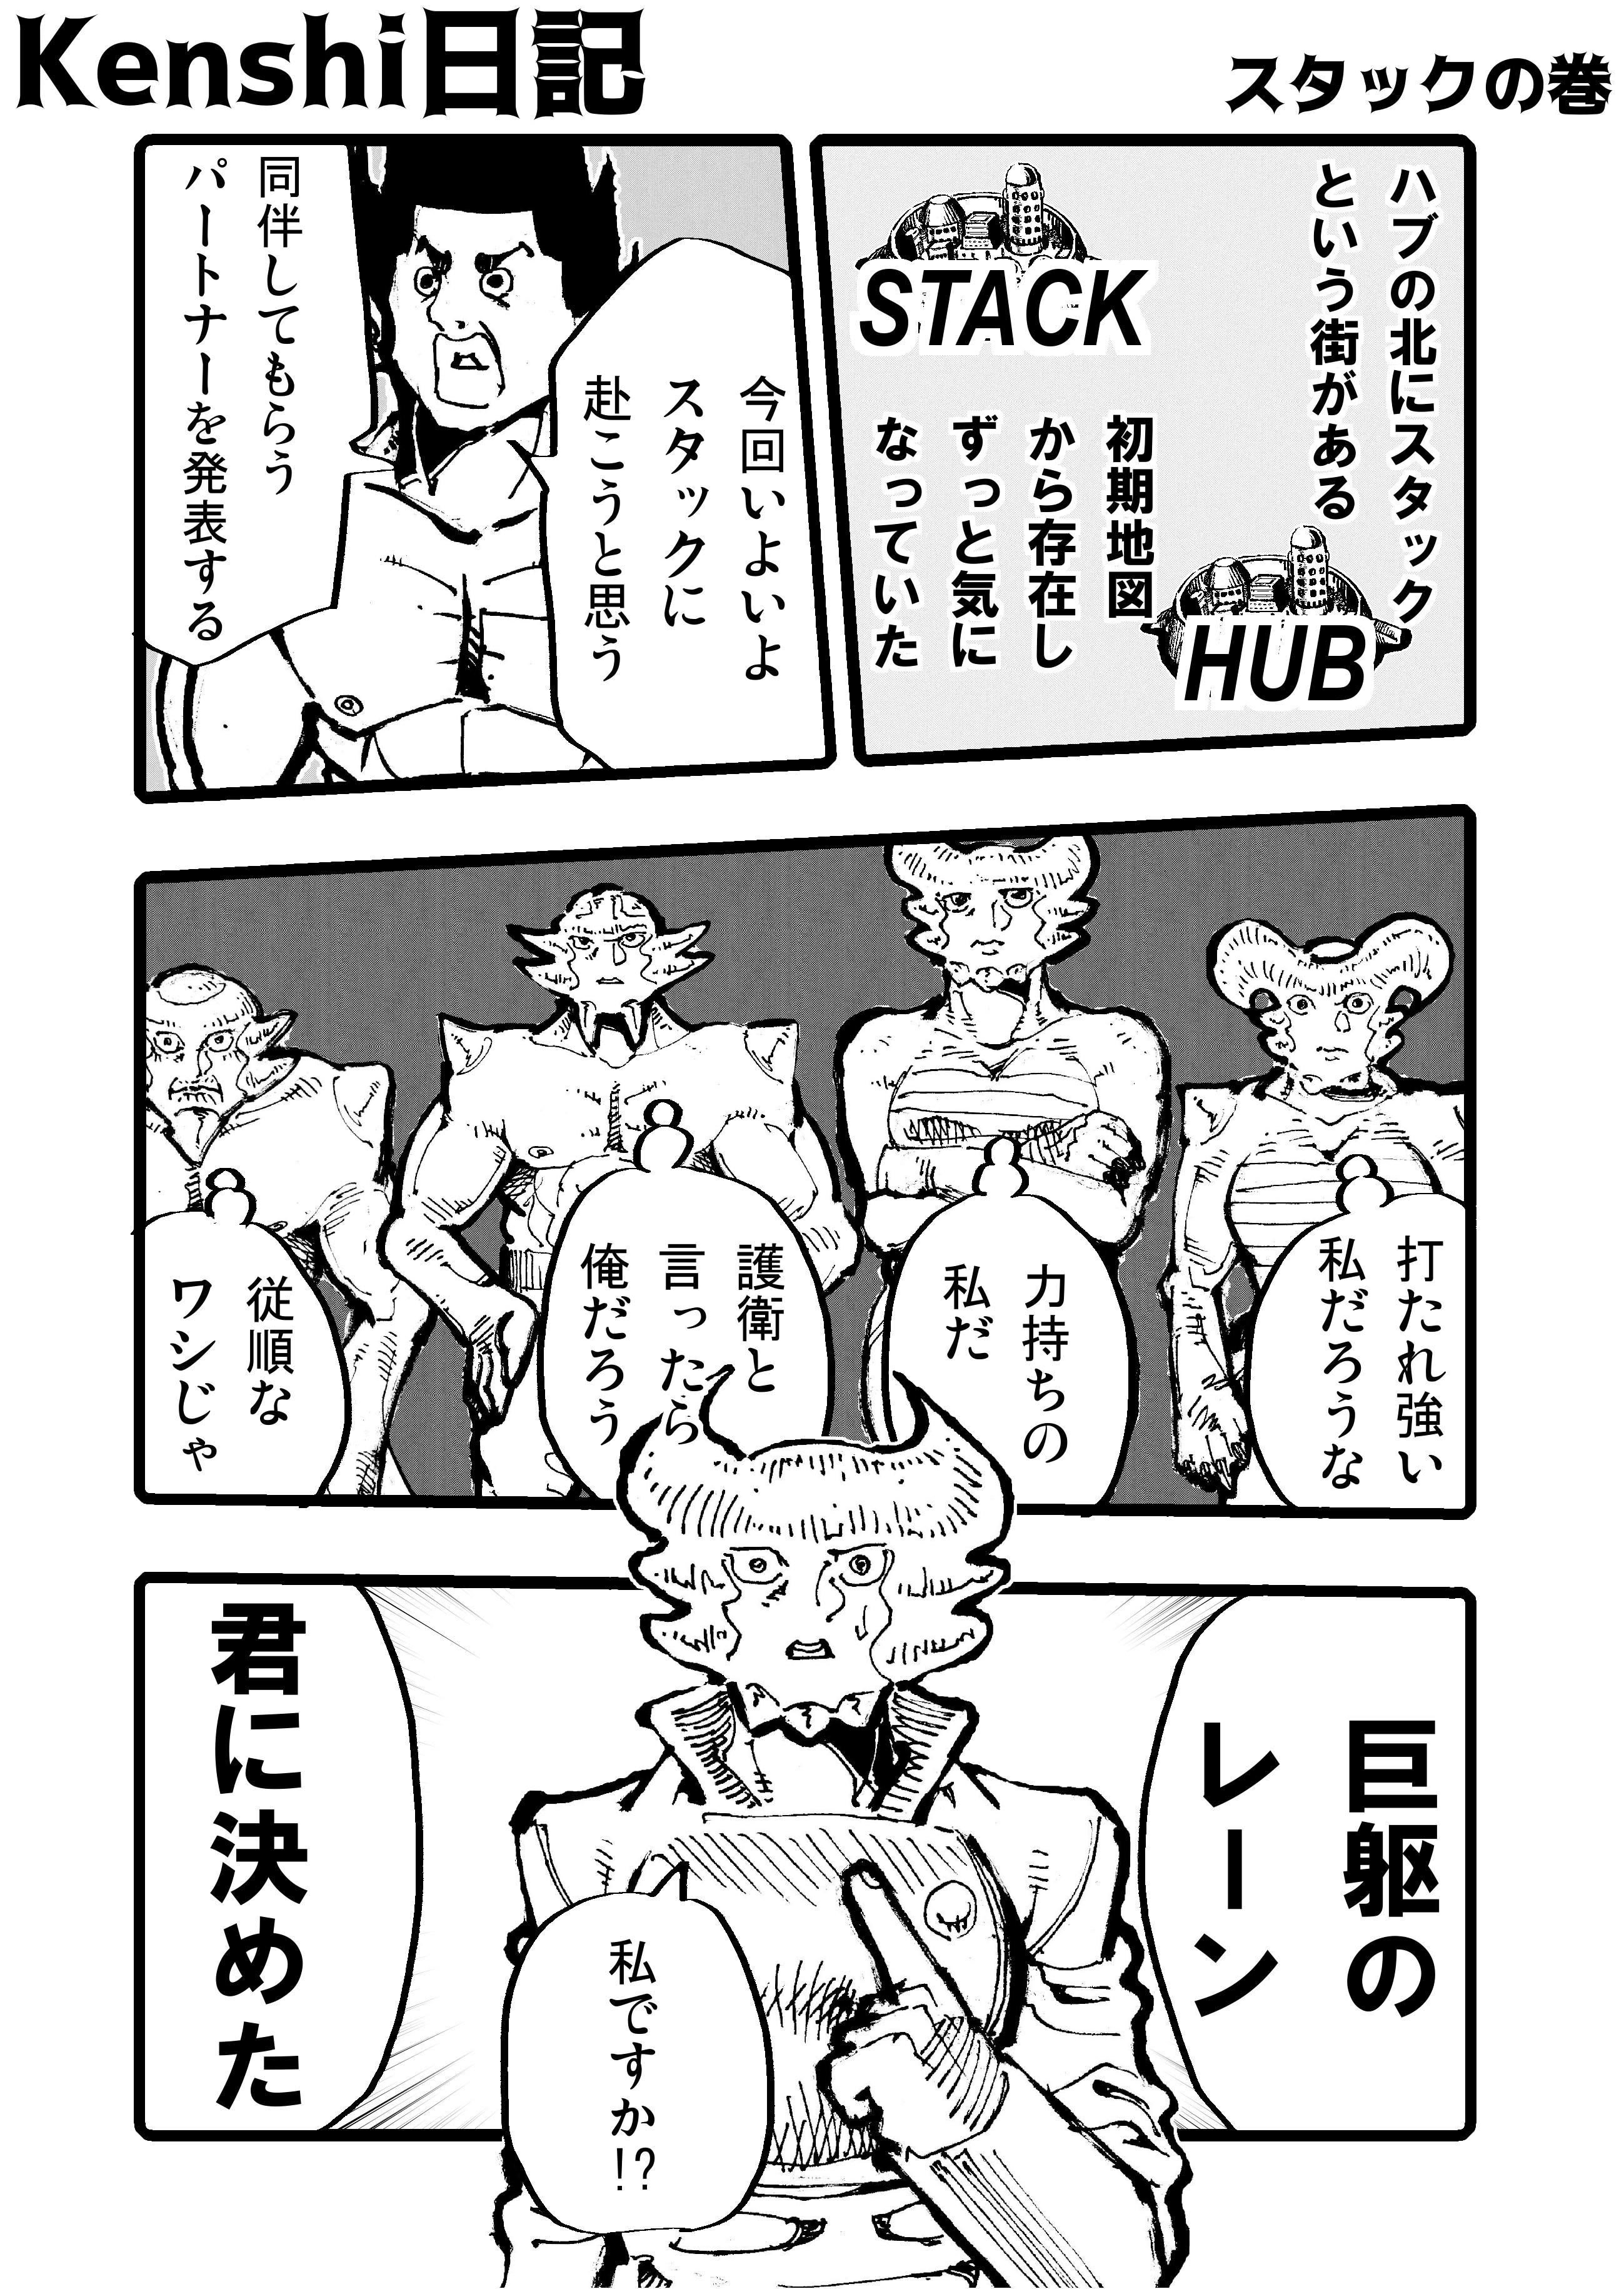 Kenshi日記17 スタックの巻